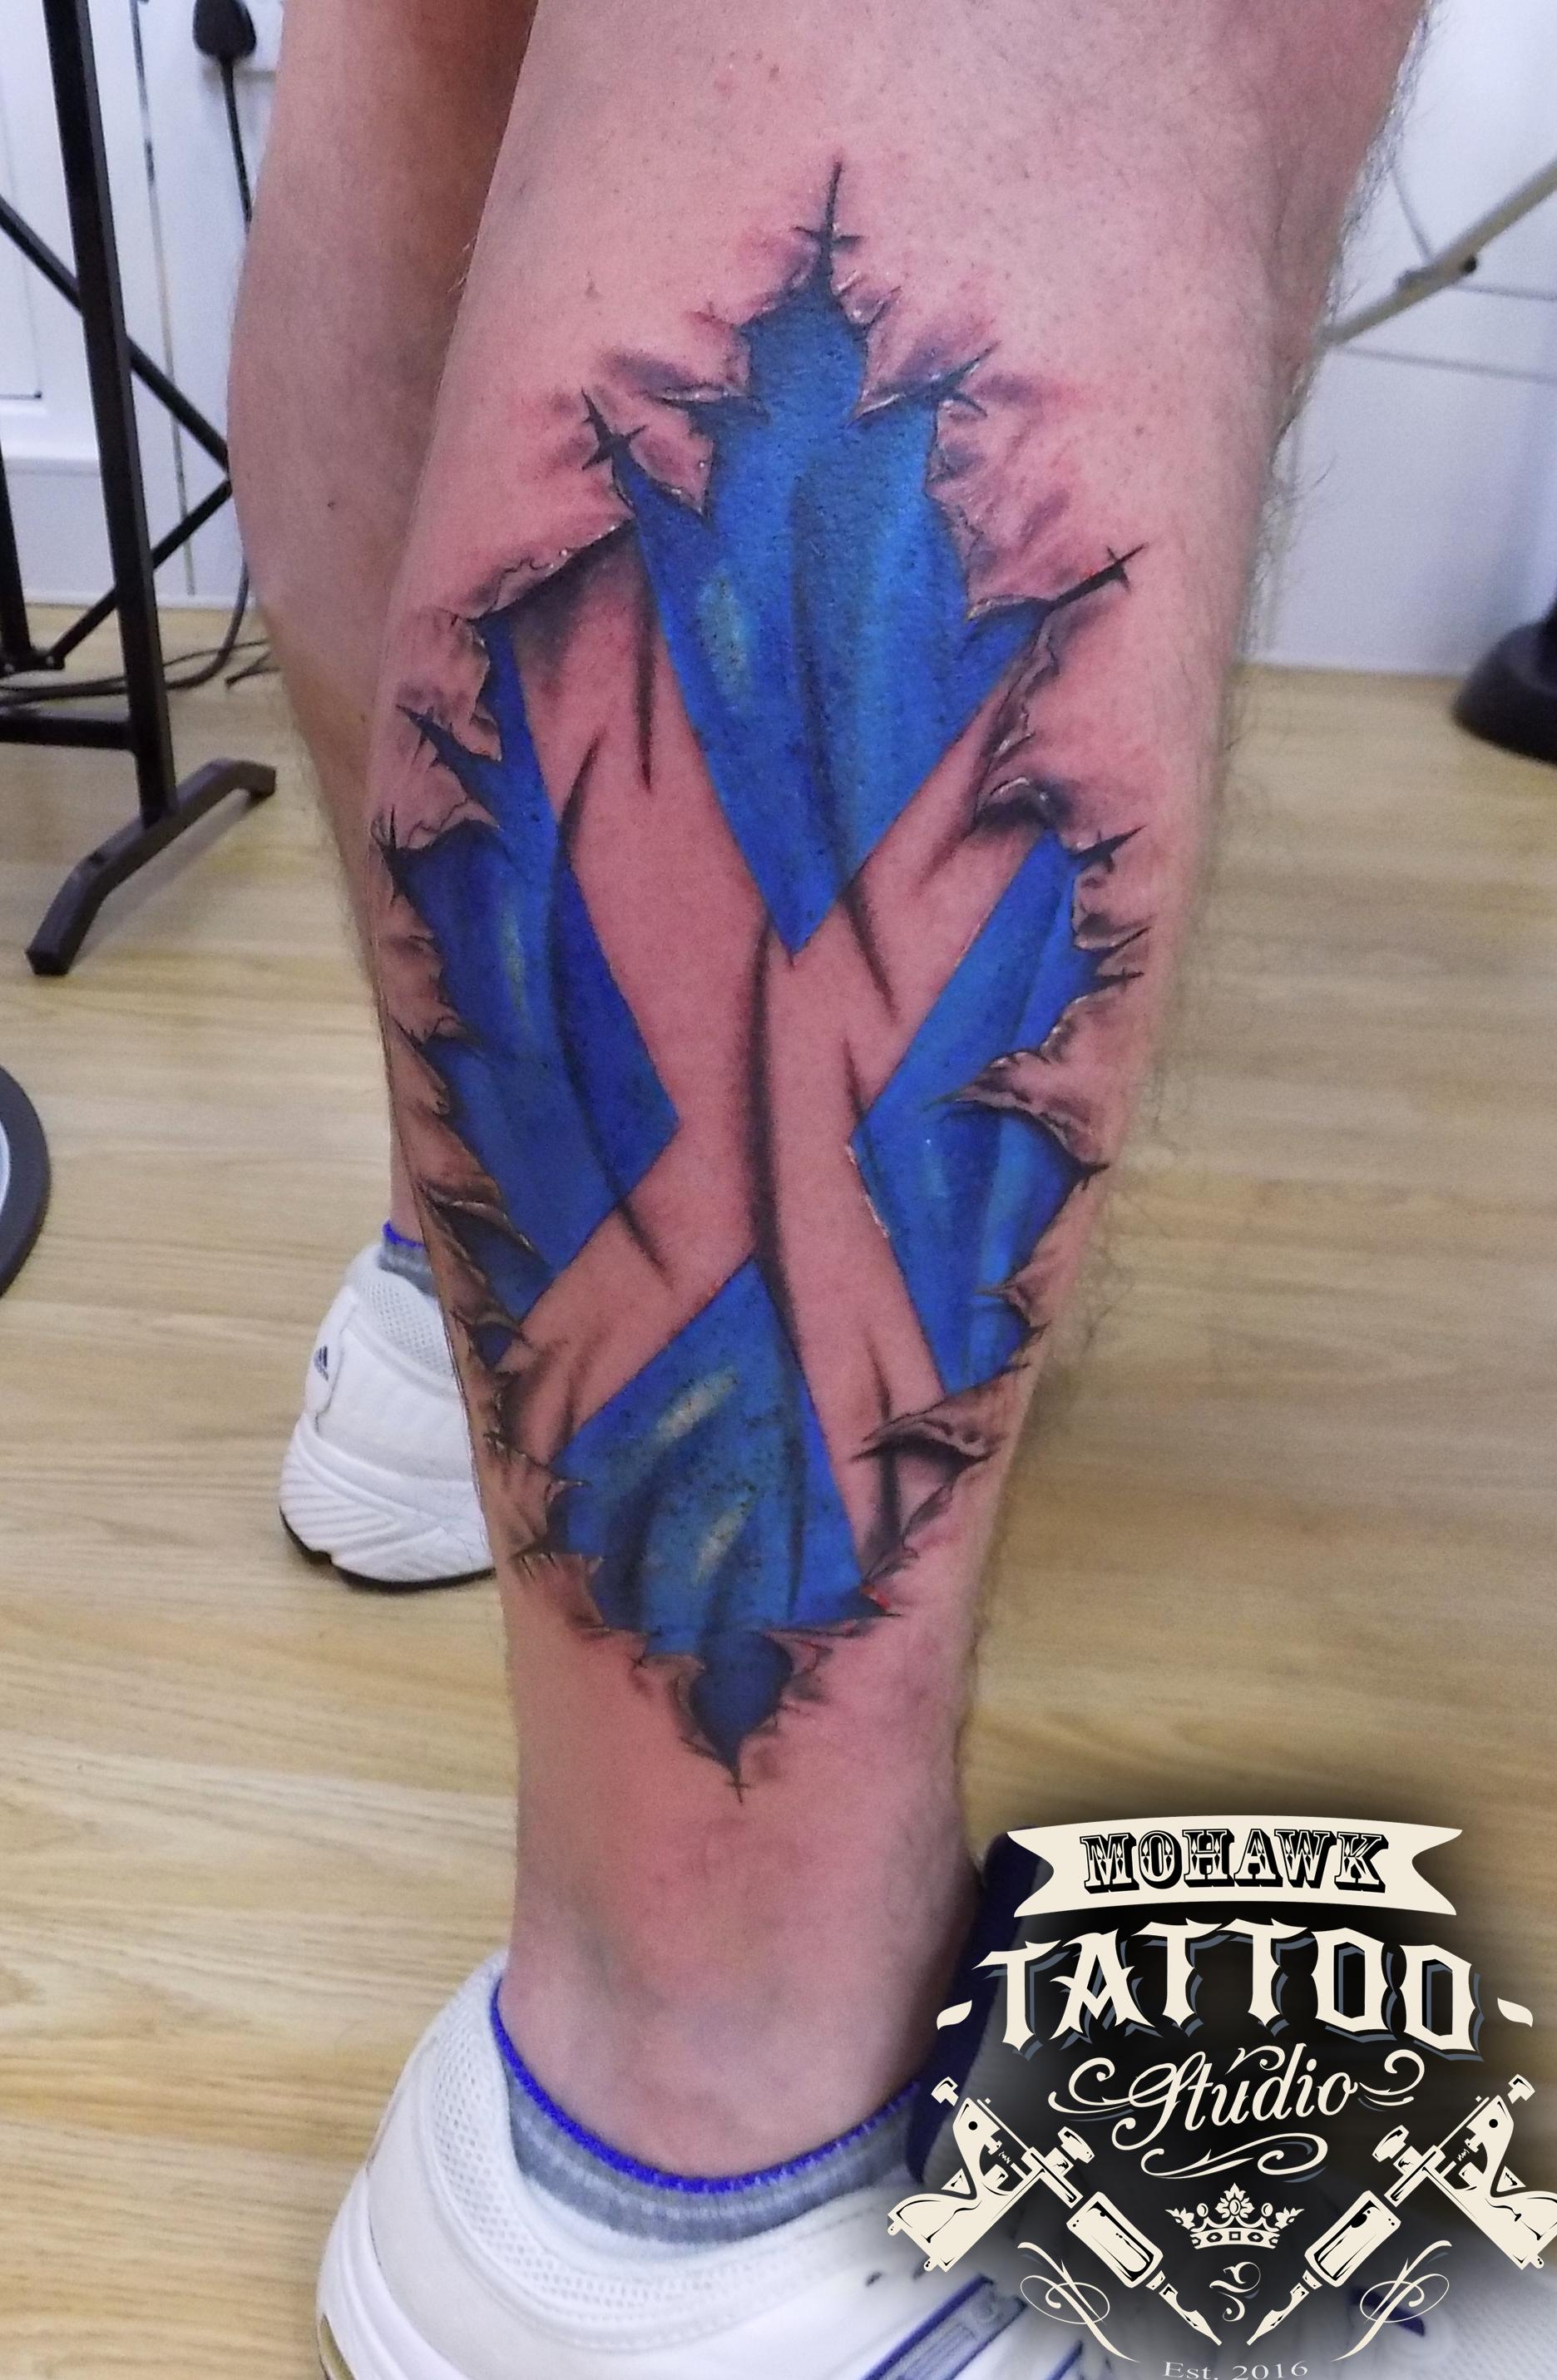 f2b73ad79 Scottish Thistle Tattoo, Ripped Skin Tattoo, Dragon Tattoo Designs, Awesome  Tattoos, Cool